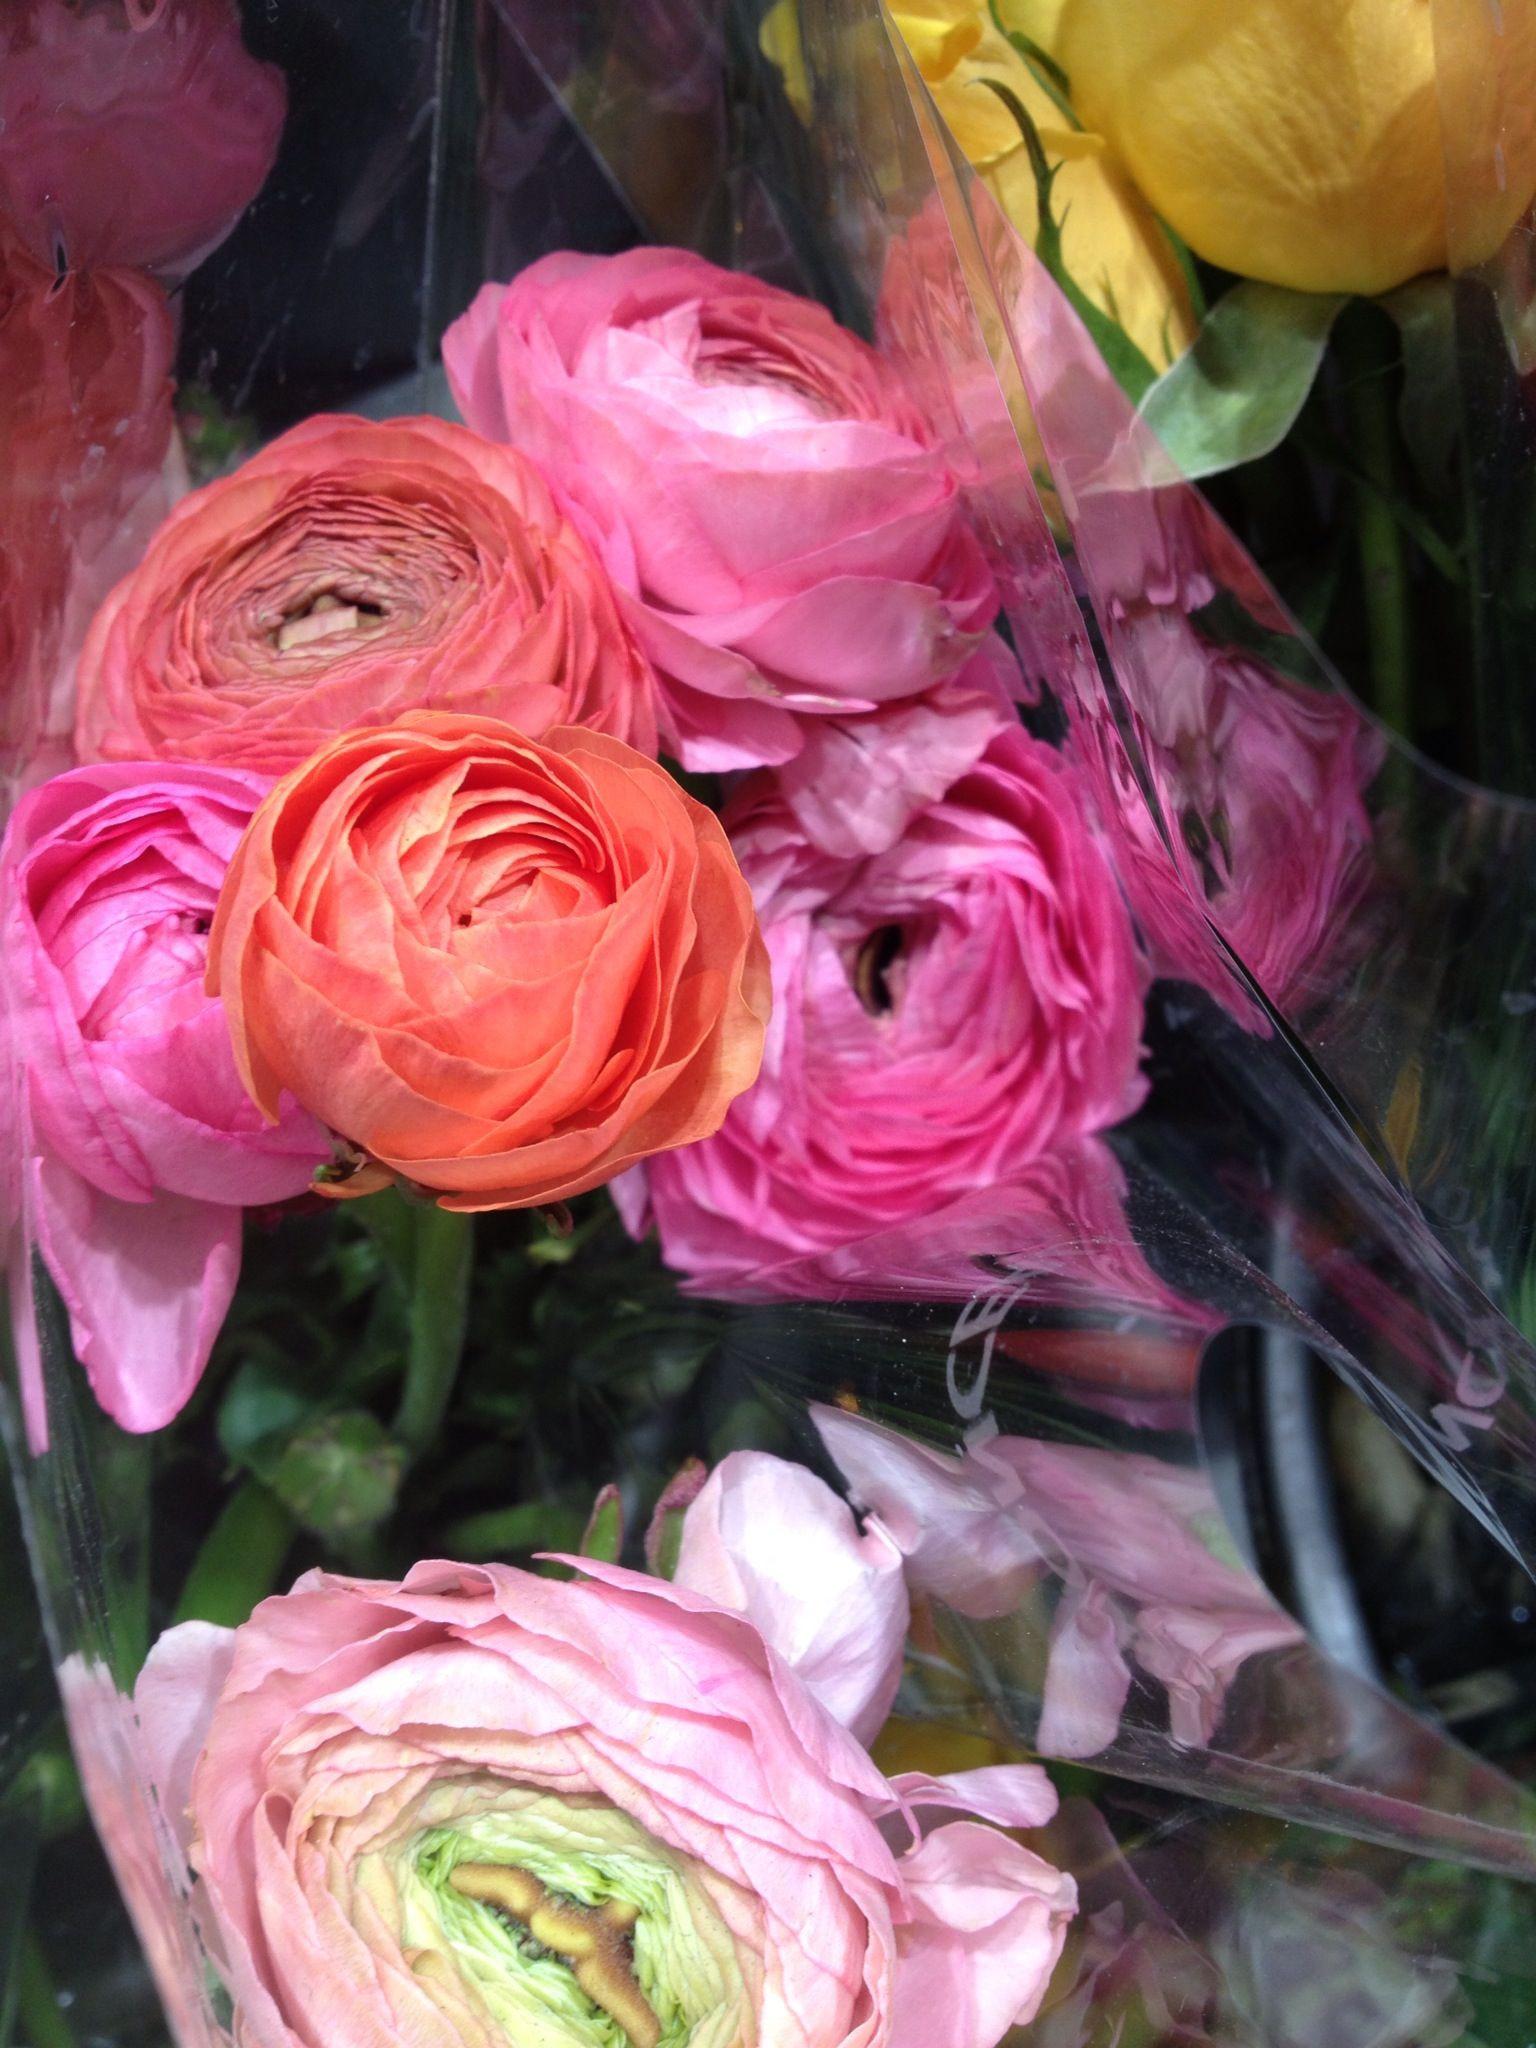 Ranunculus in Paris · Flower ShopsRanunculus